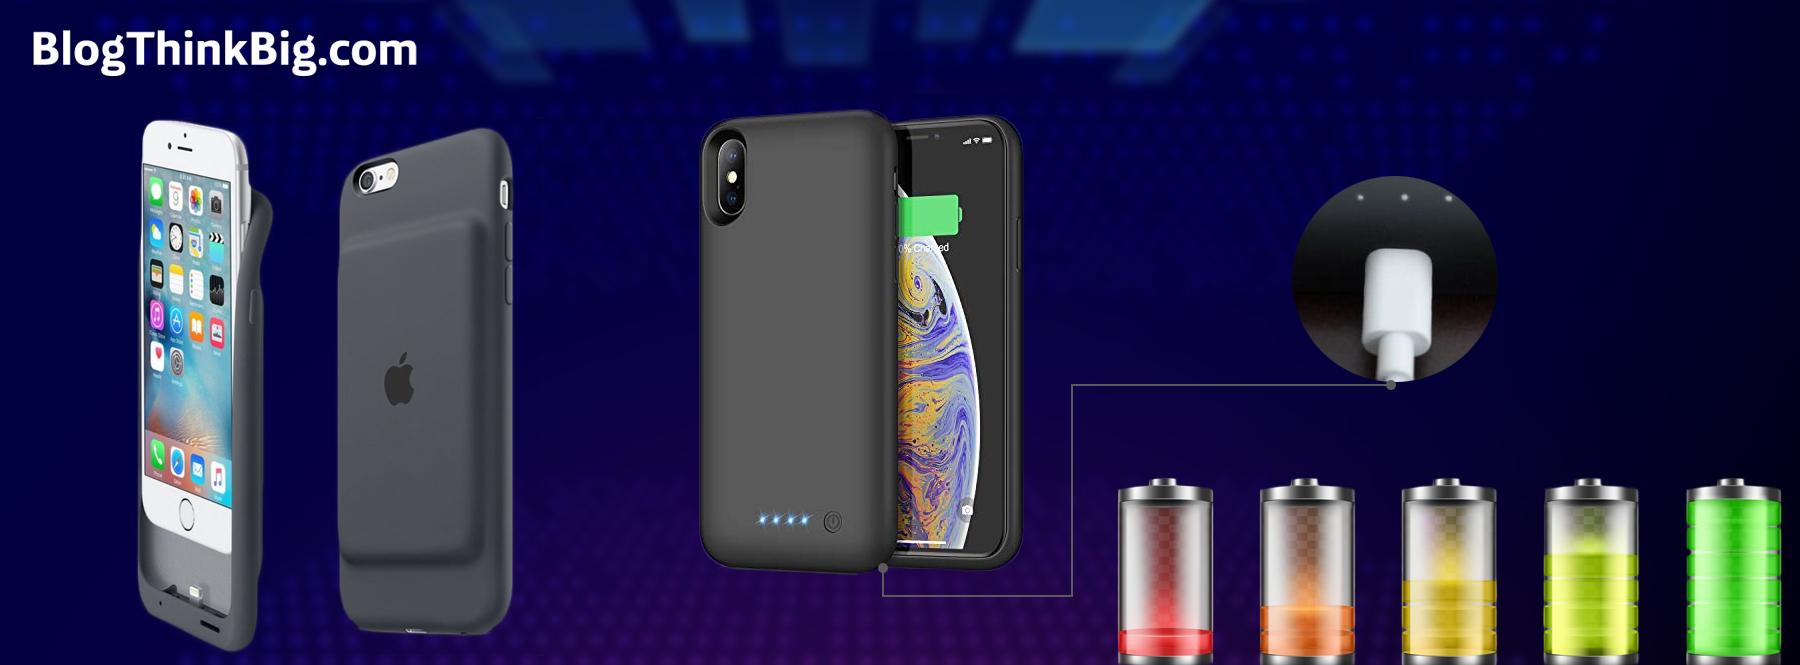 ¿Te quedas sin batería en el móvil? Estas fundas inteligentes la cargan